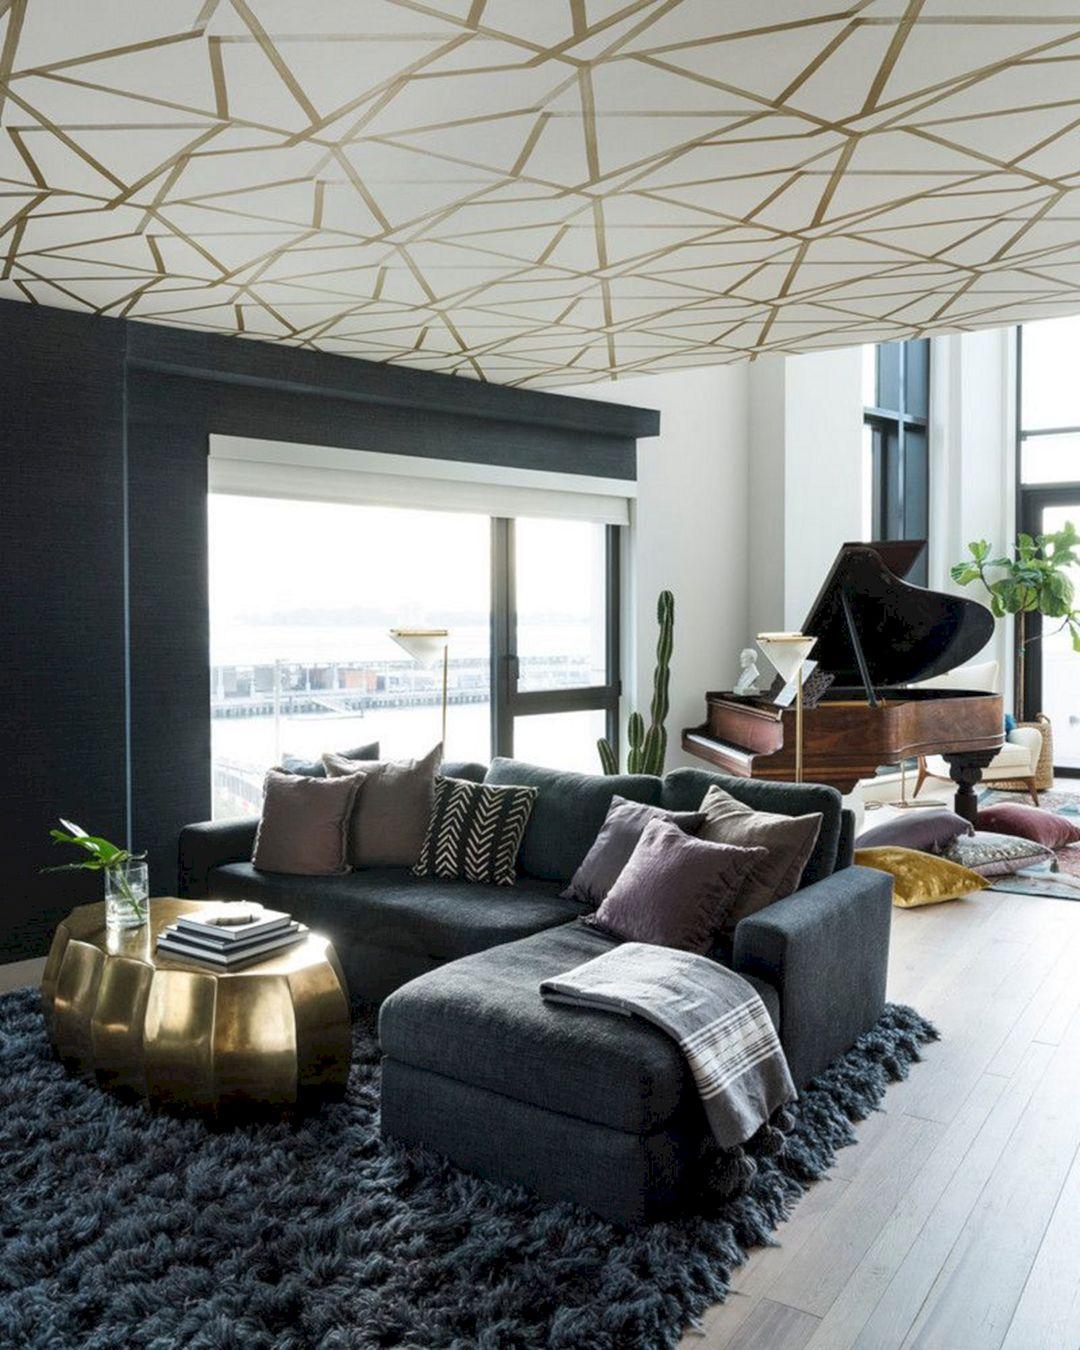 Modular Home Decor For Trend